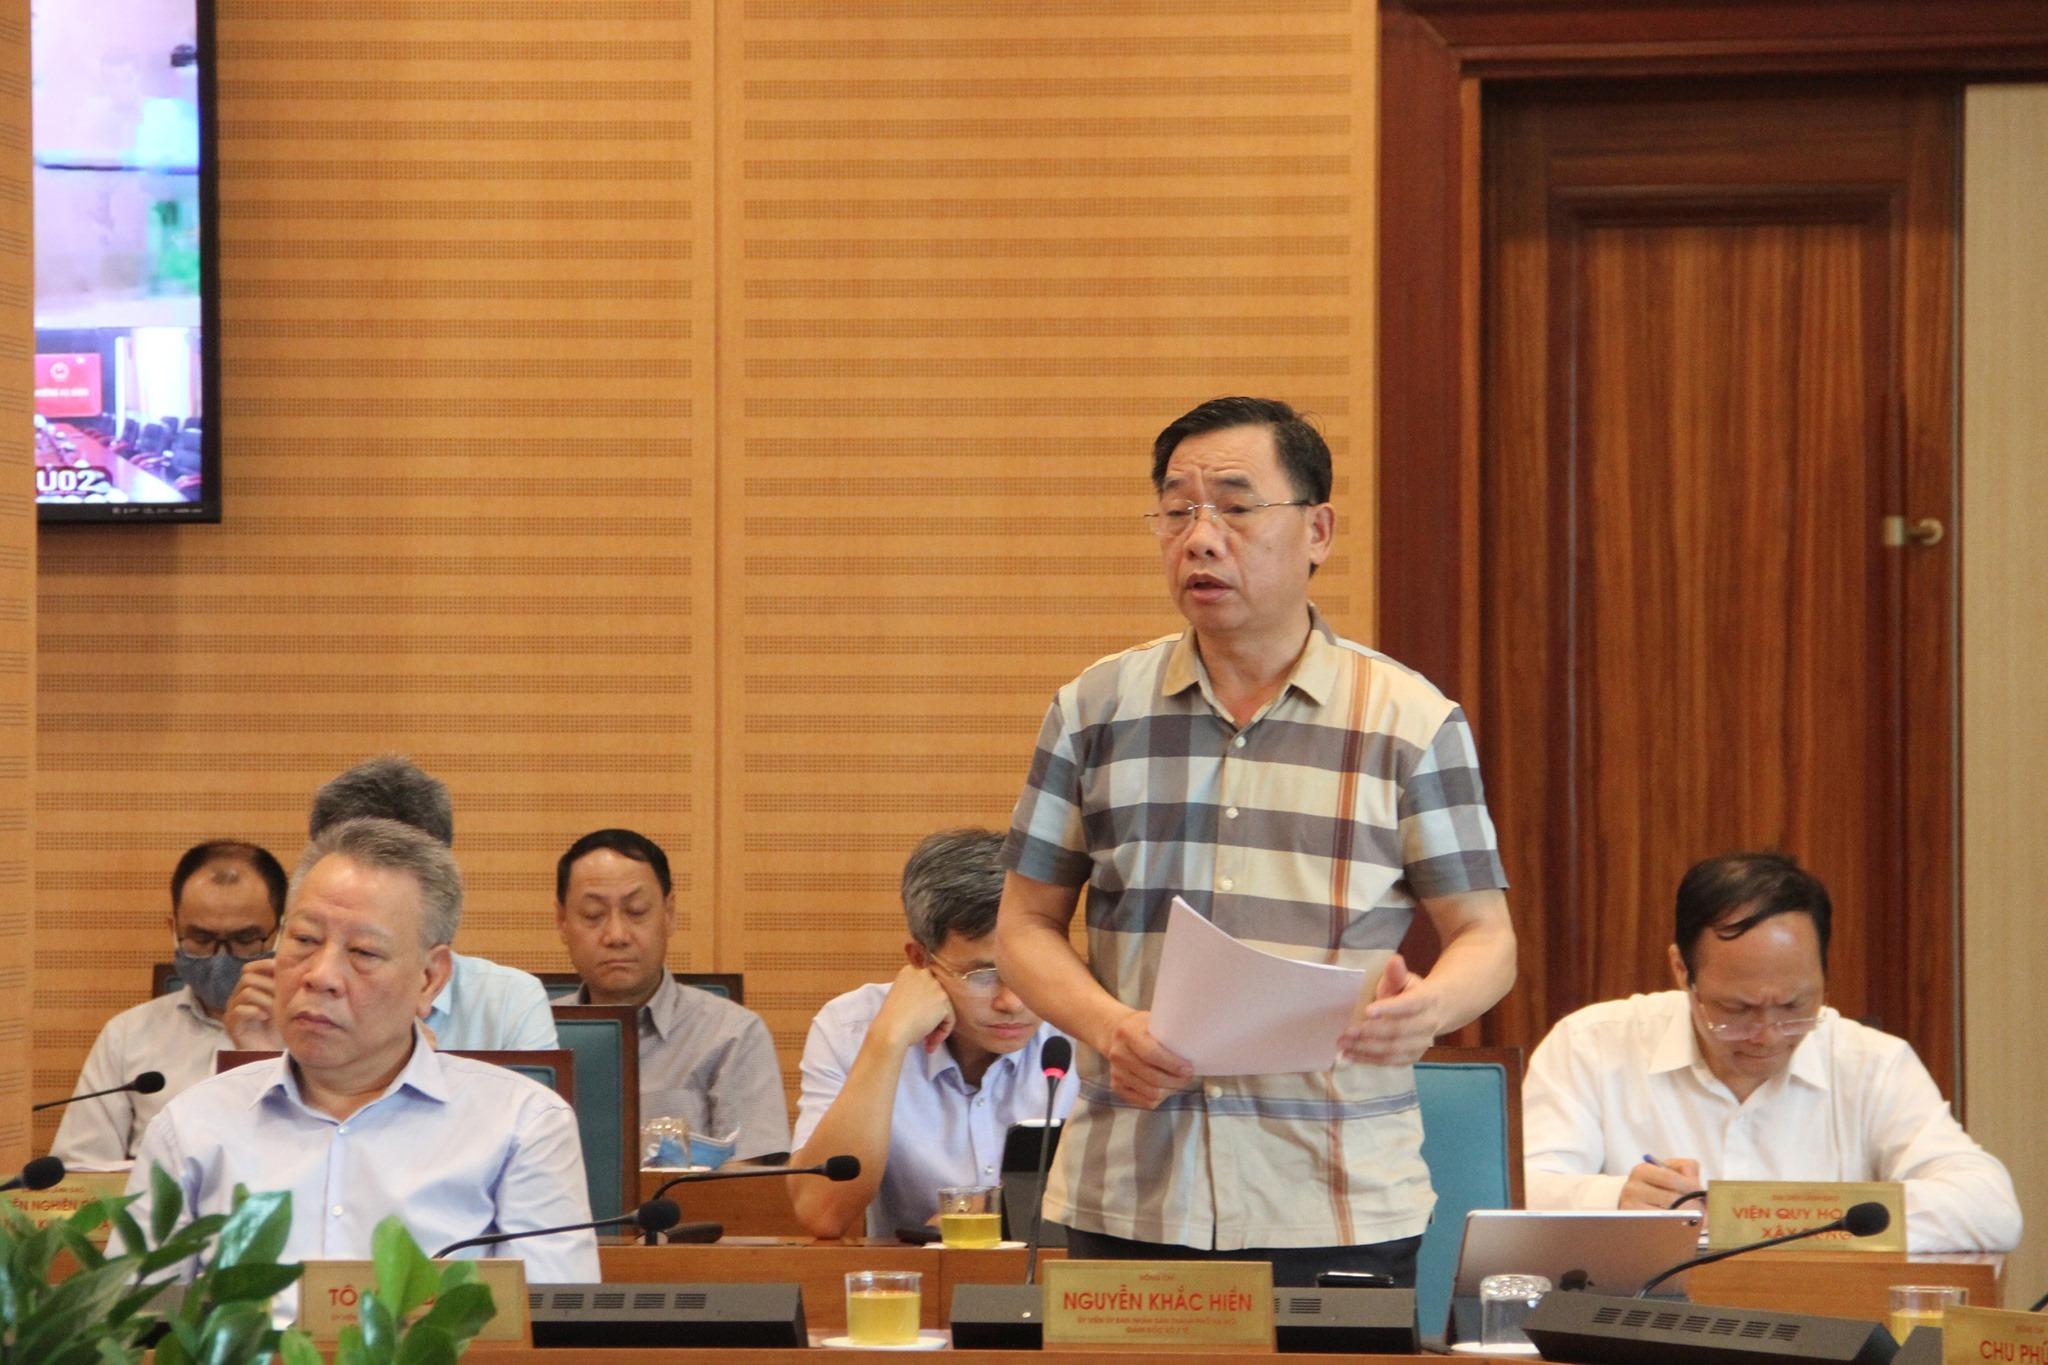 Sau ca mới mắc Covid-19 ở Hà Nội, GĐ Sở Y tế lưu ý hai đối tượng đặc biệt